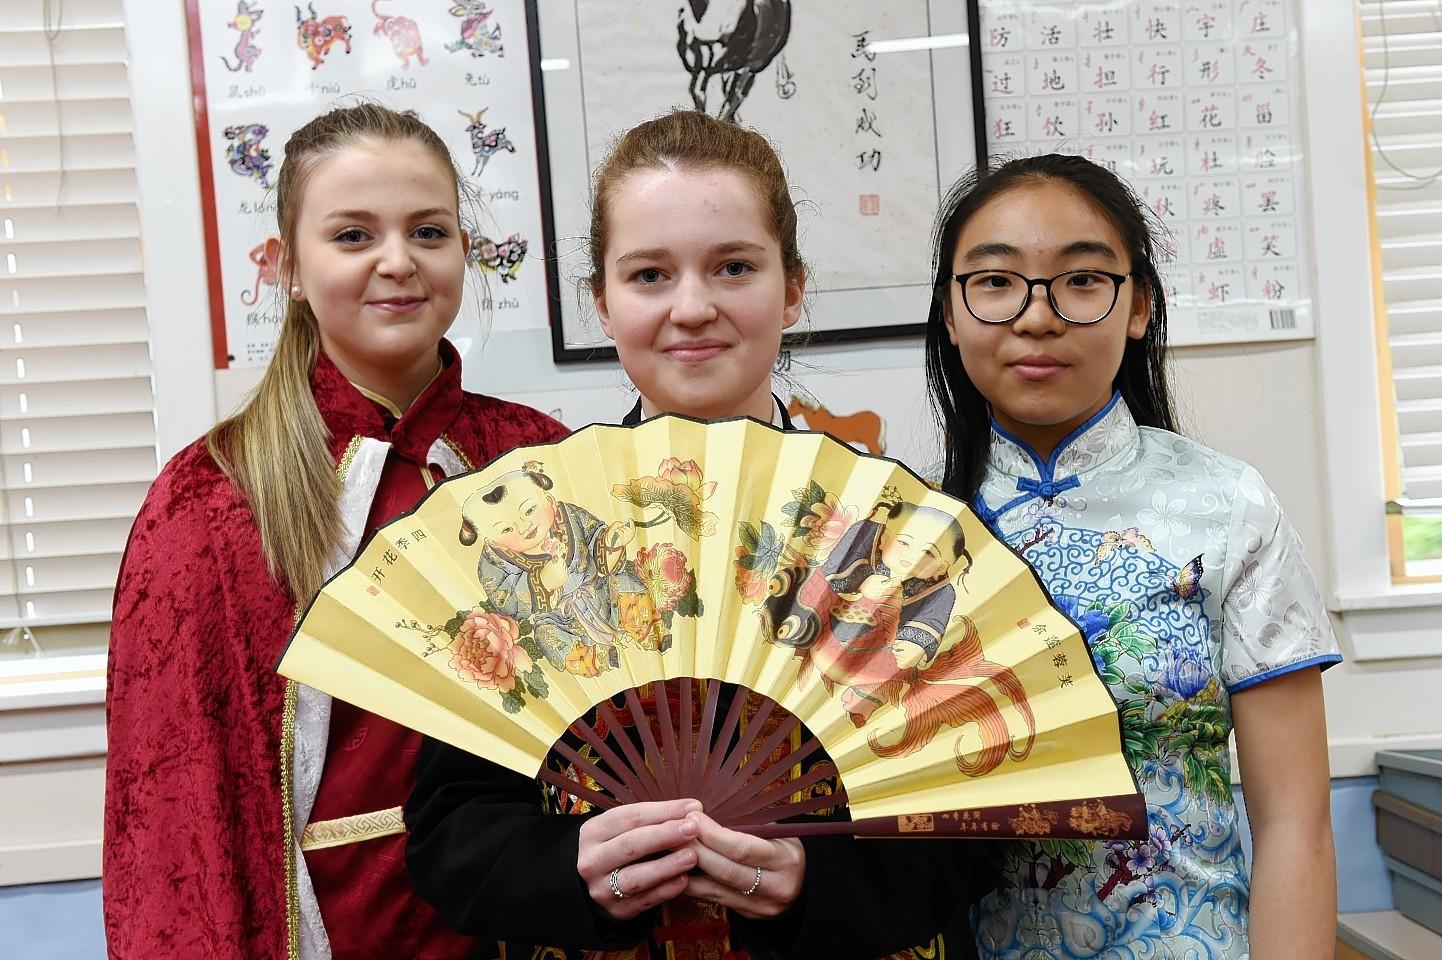 (L-R) Rachel Reid, 16, Chloe Meenan, 16, Bonny He, 14. Picture by Kenny Elrick.